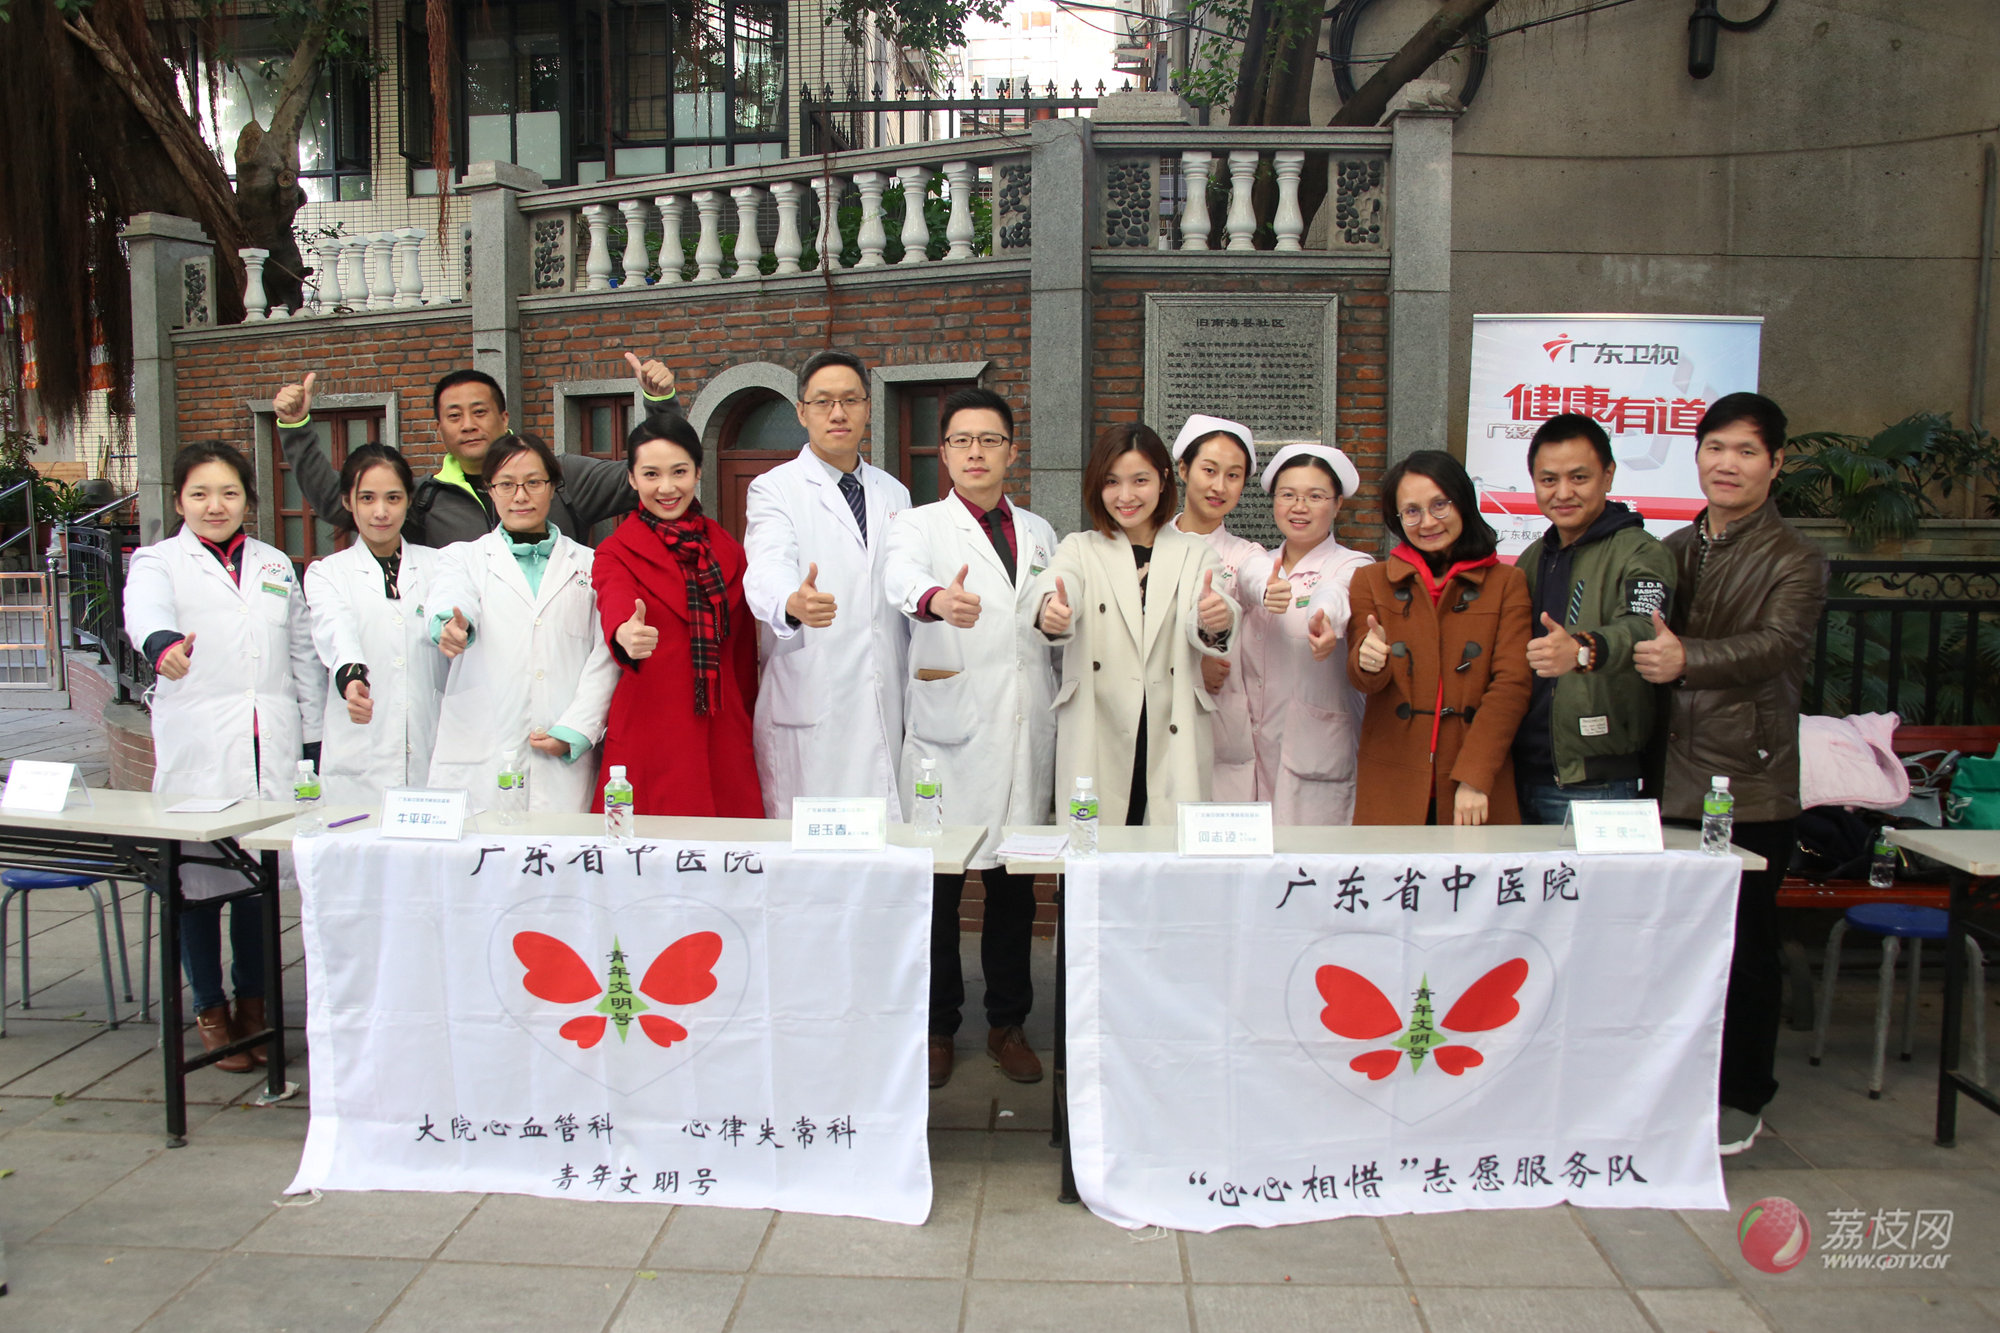 健康有道 关爱有方 广东卫视《健康有道》社区送健康